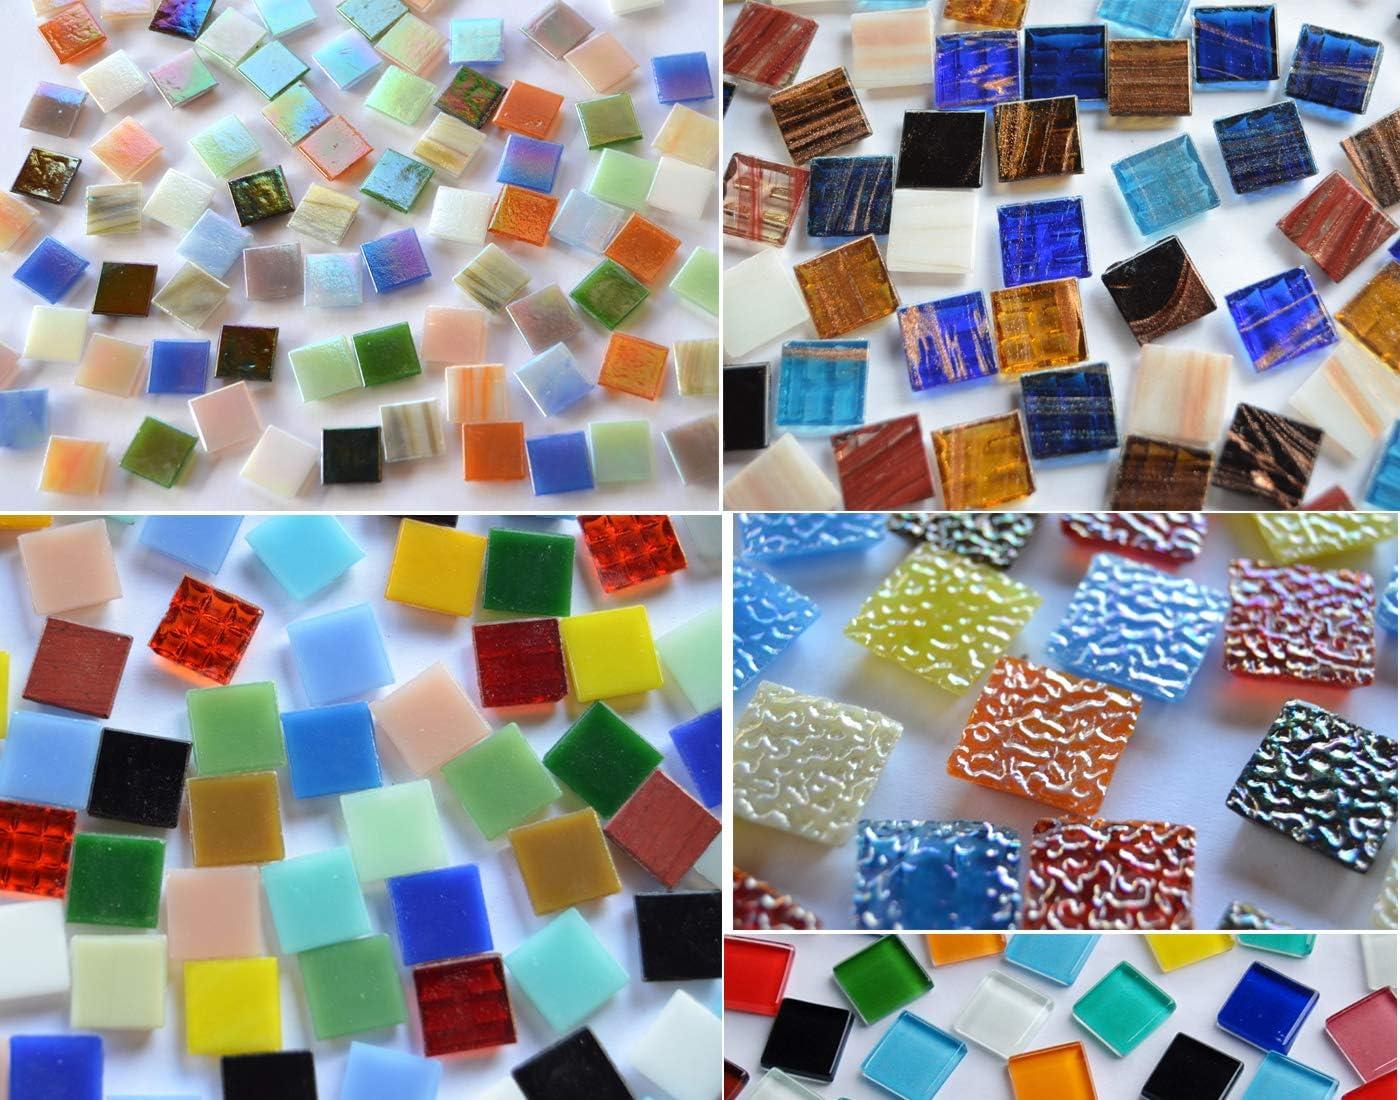 Bazare Masud e.K. Cristales Cuadrados para Mosaico, Multicolor, 15x 15mm Aprox. 760g, 500 Unidades